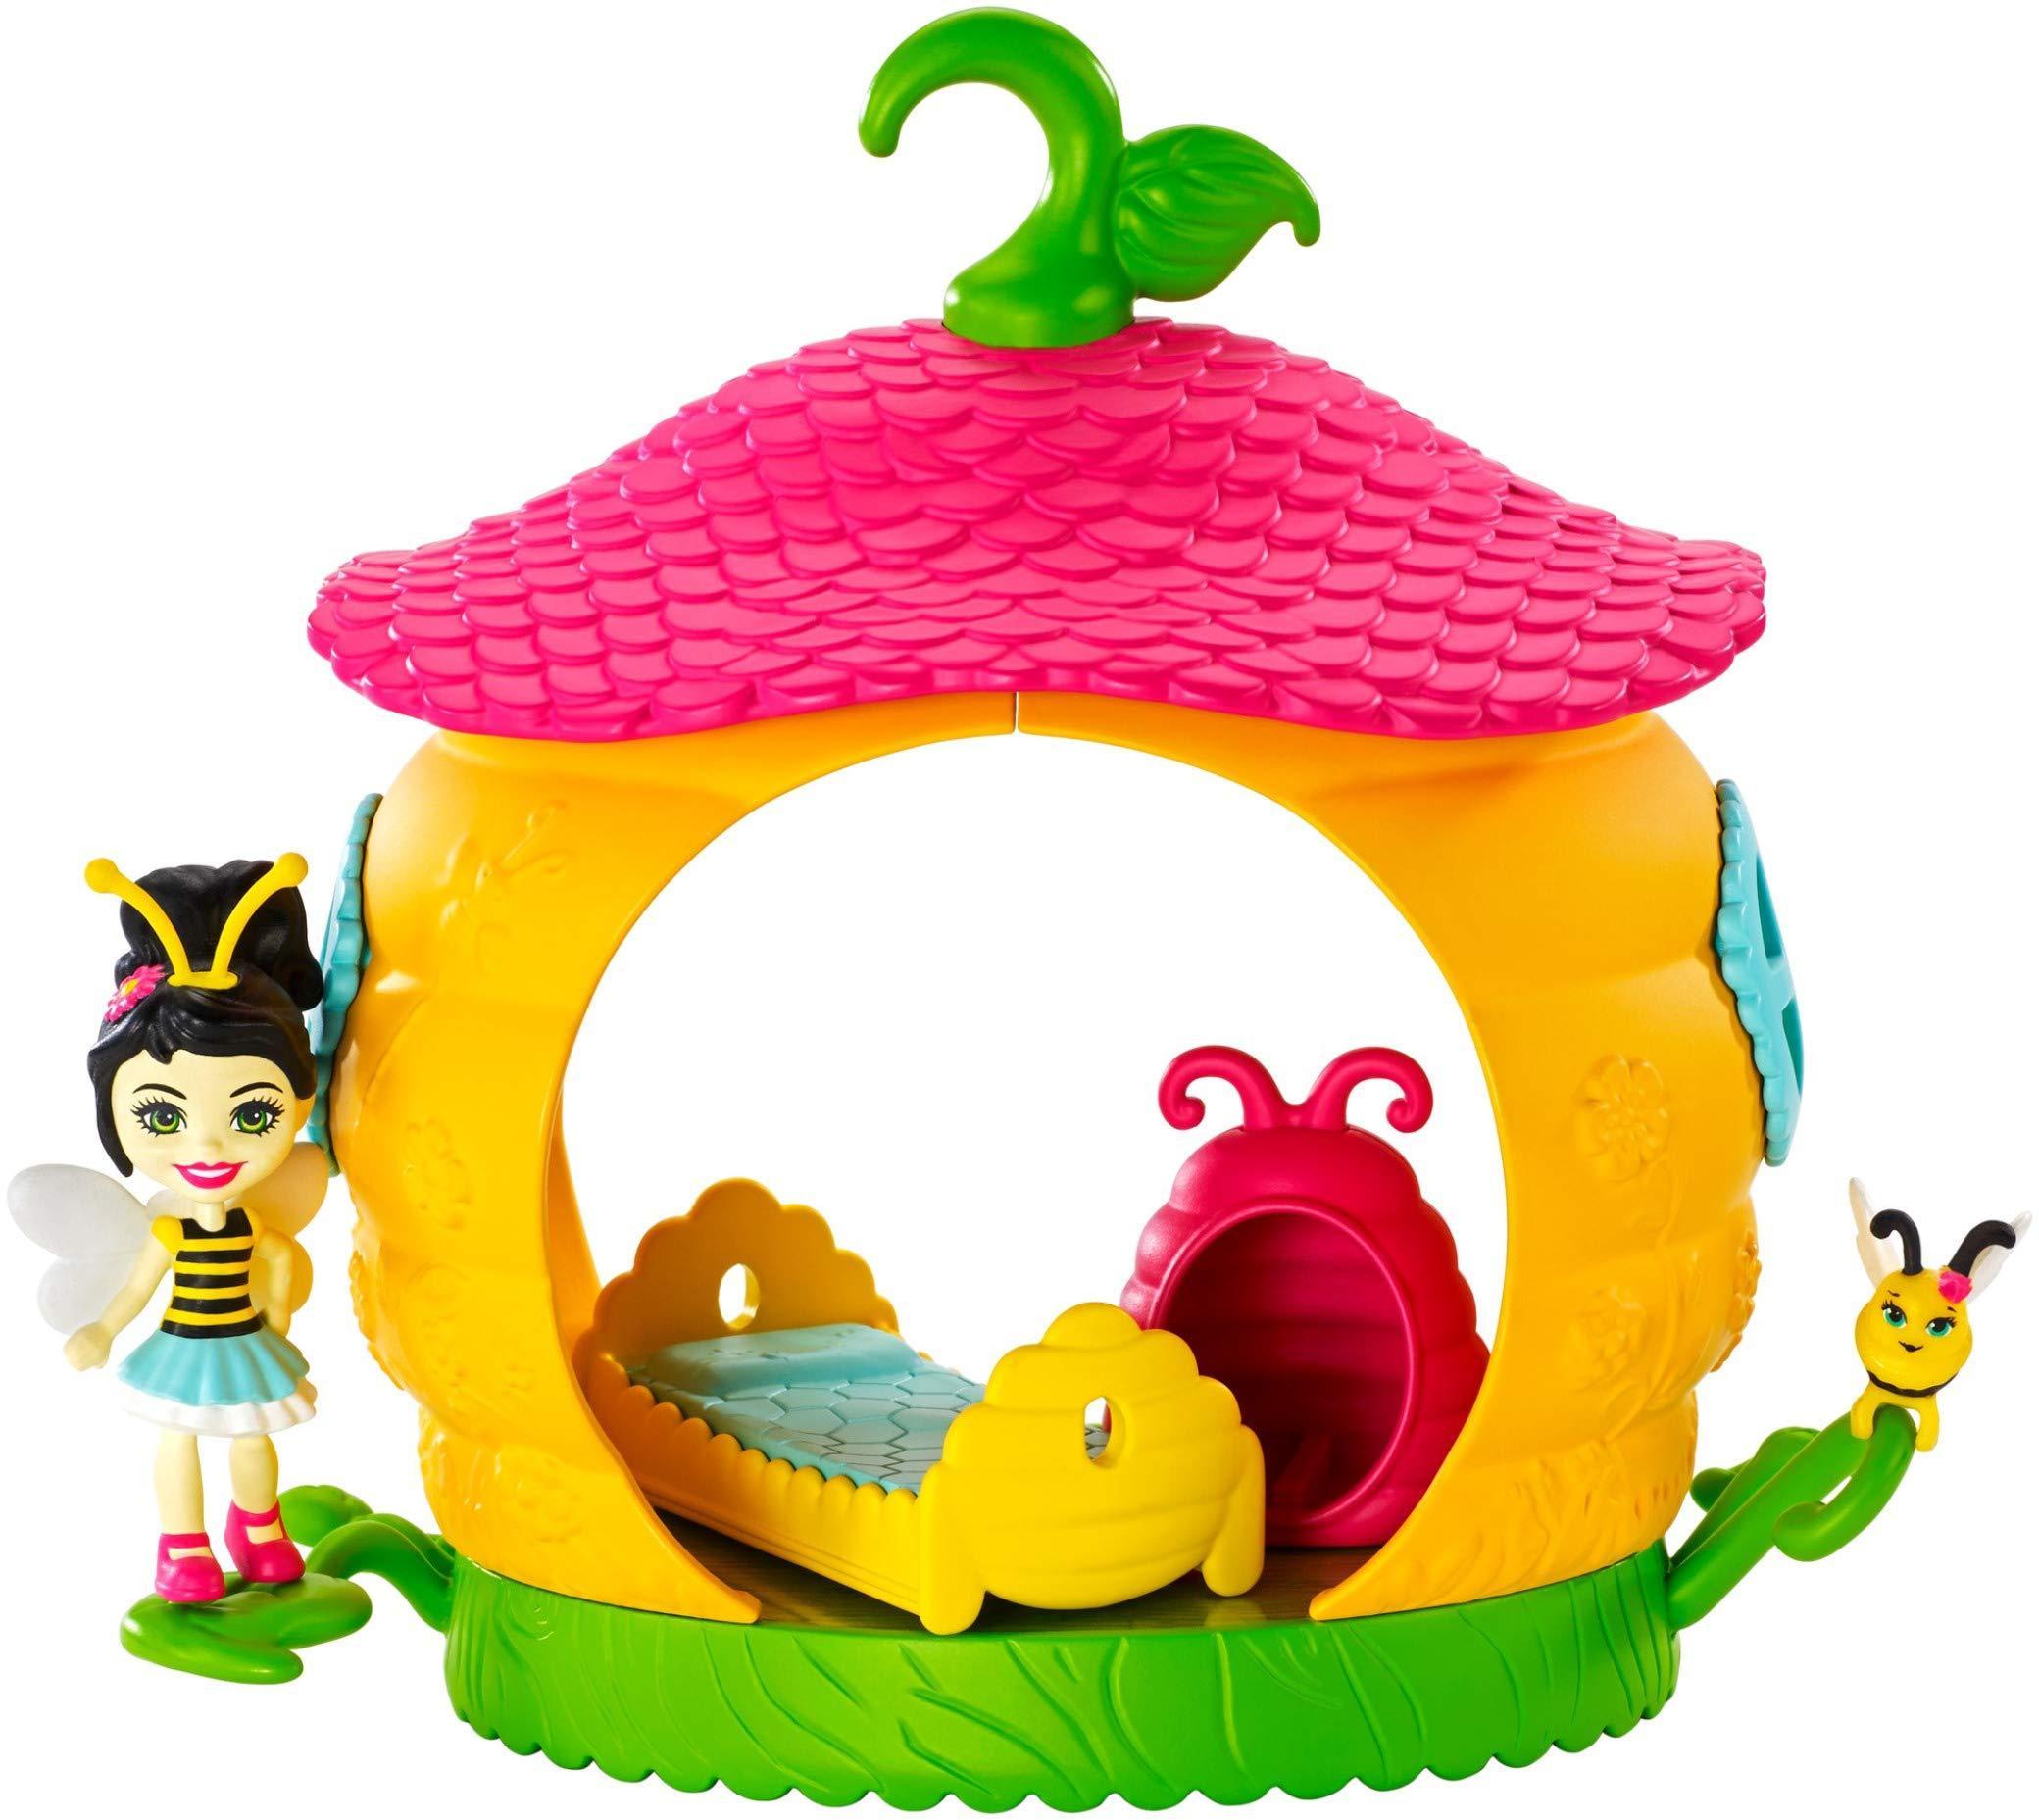 Игровой набор Enchantimals Petal Park Спальня с куклой Беатрис пчелка, Куклы  - купить со скидкой